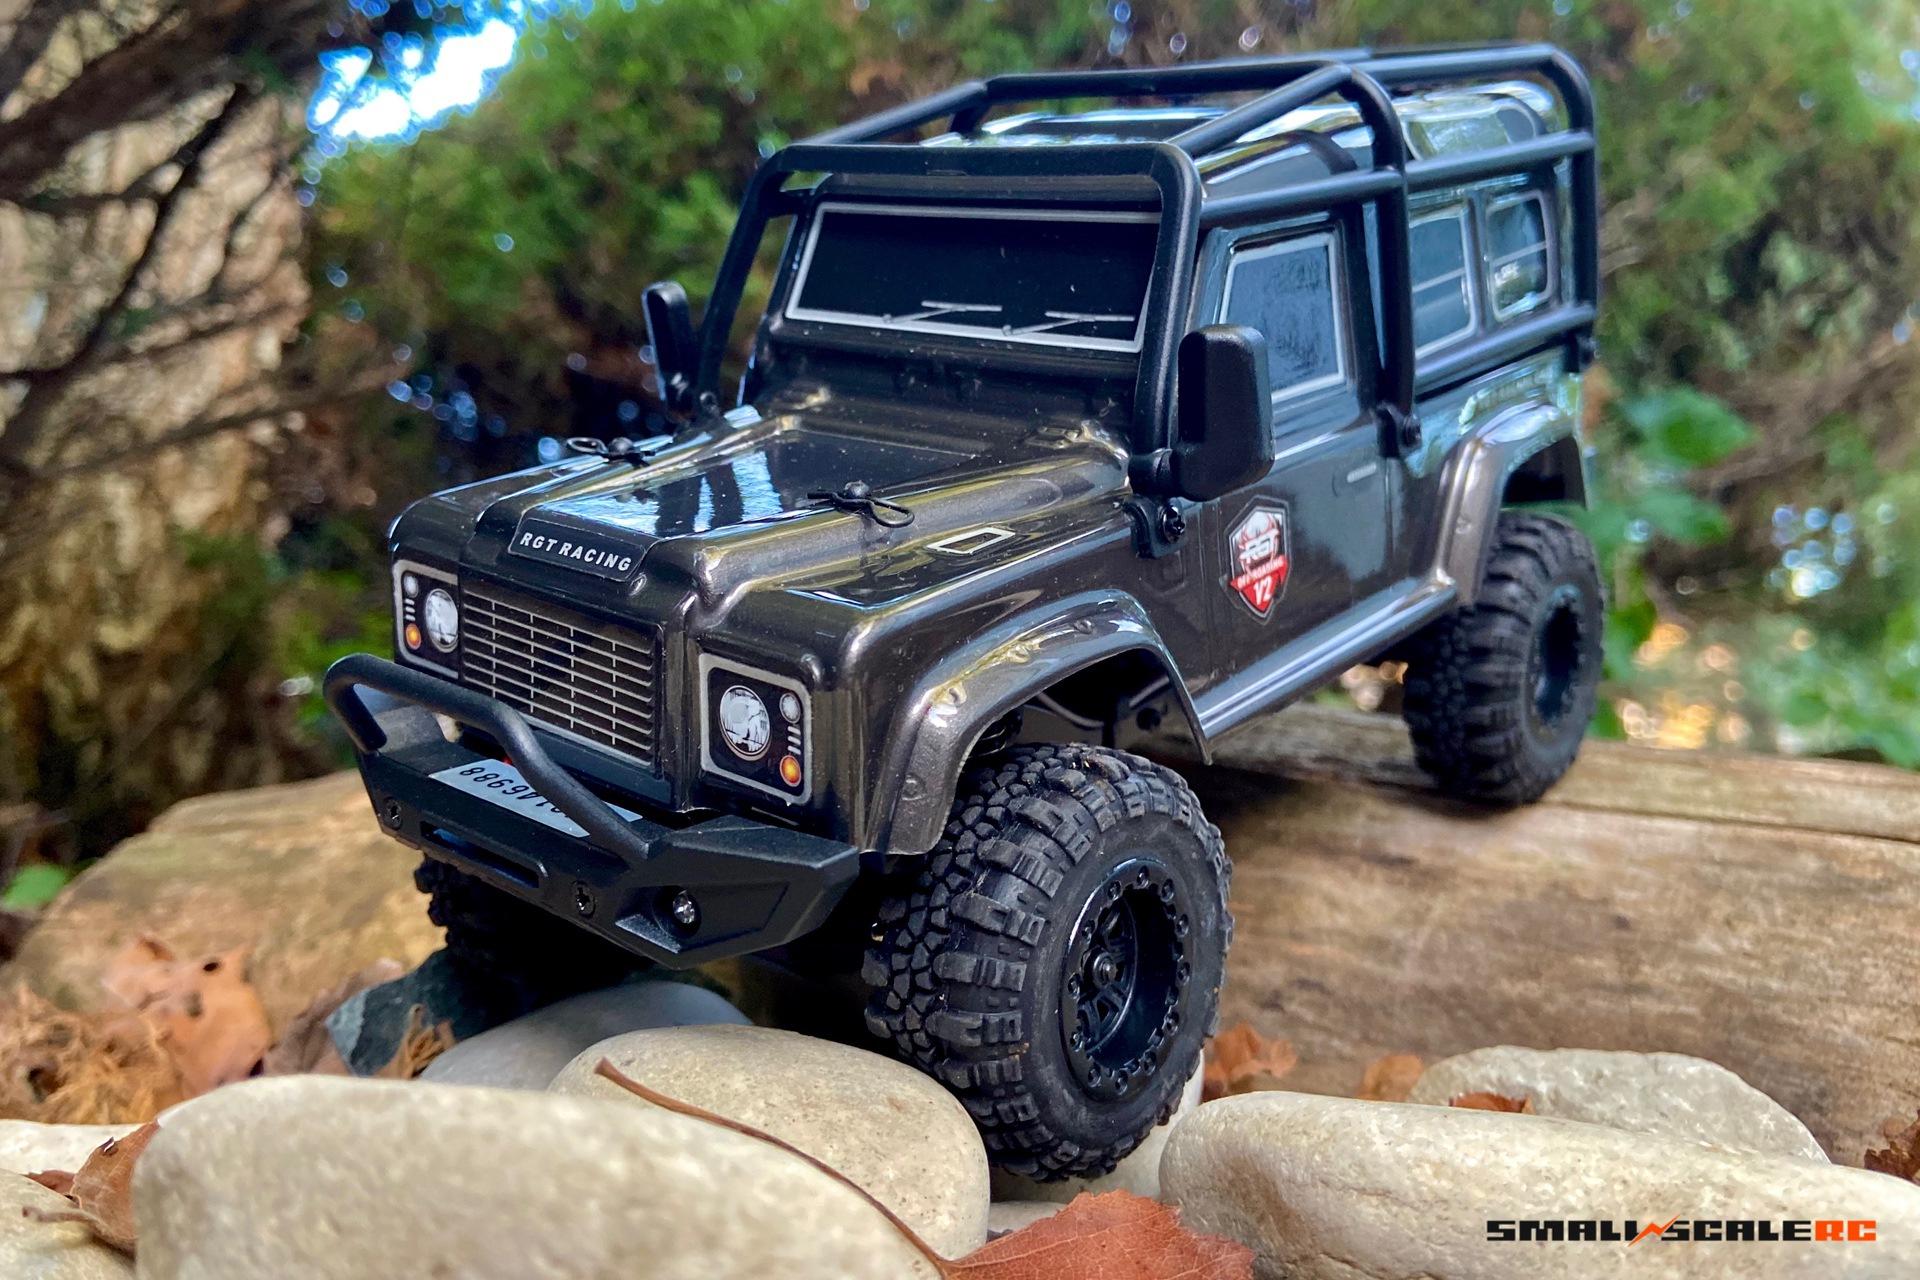 Review: RGT Adventurer V2 Small-scale R/C Crawler